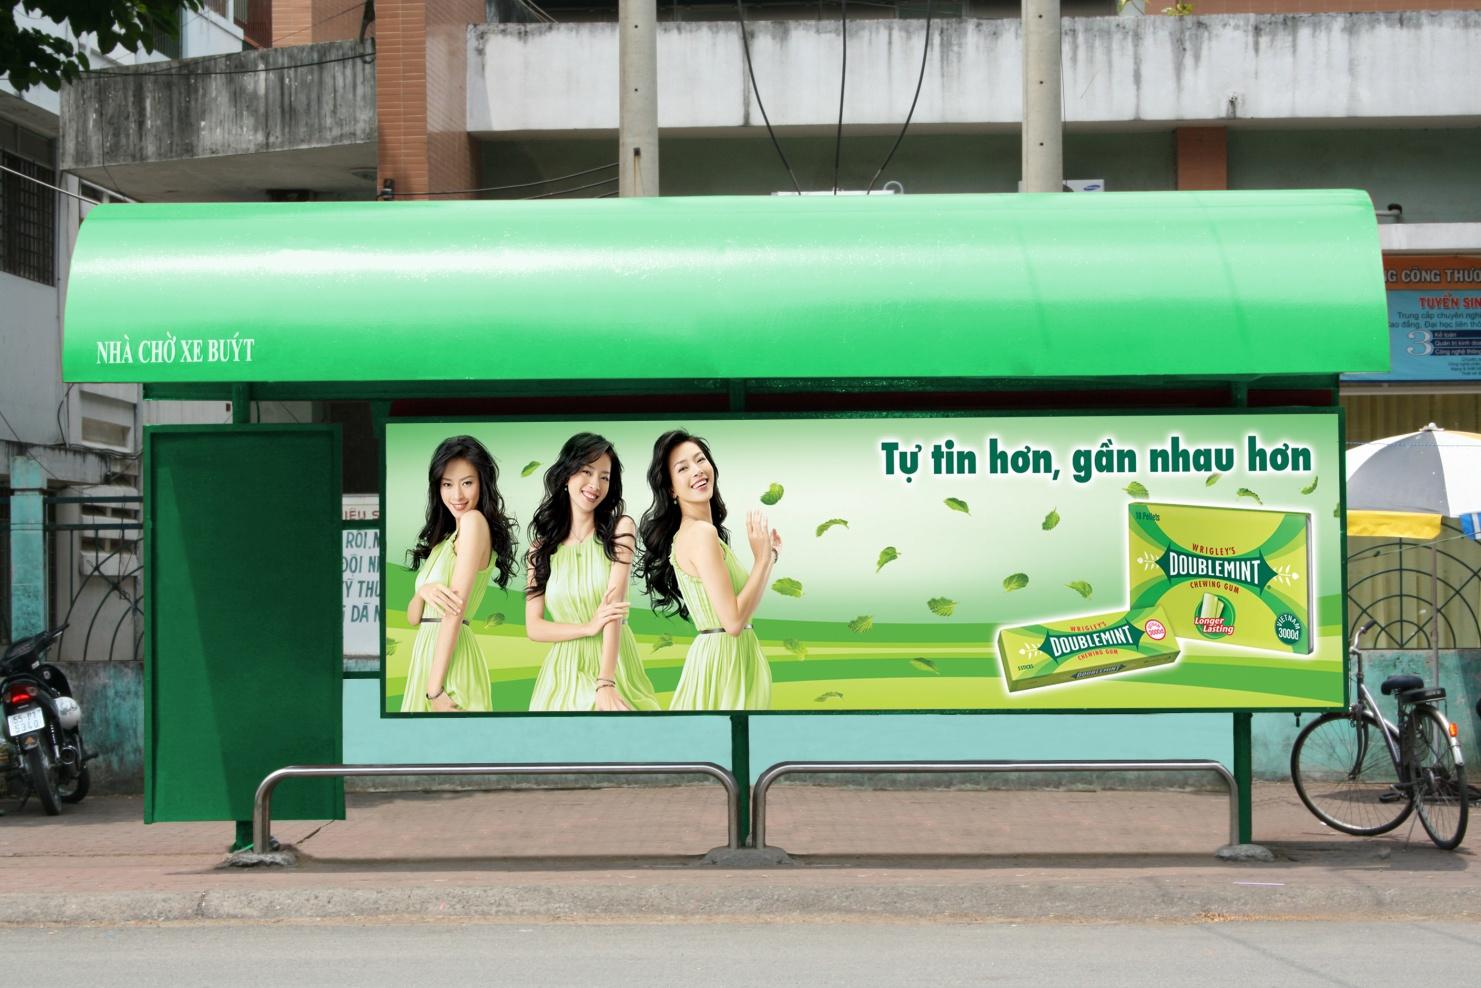 tram-cho-xe-buyt-3